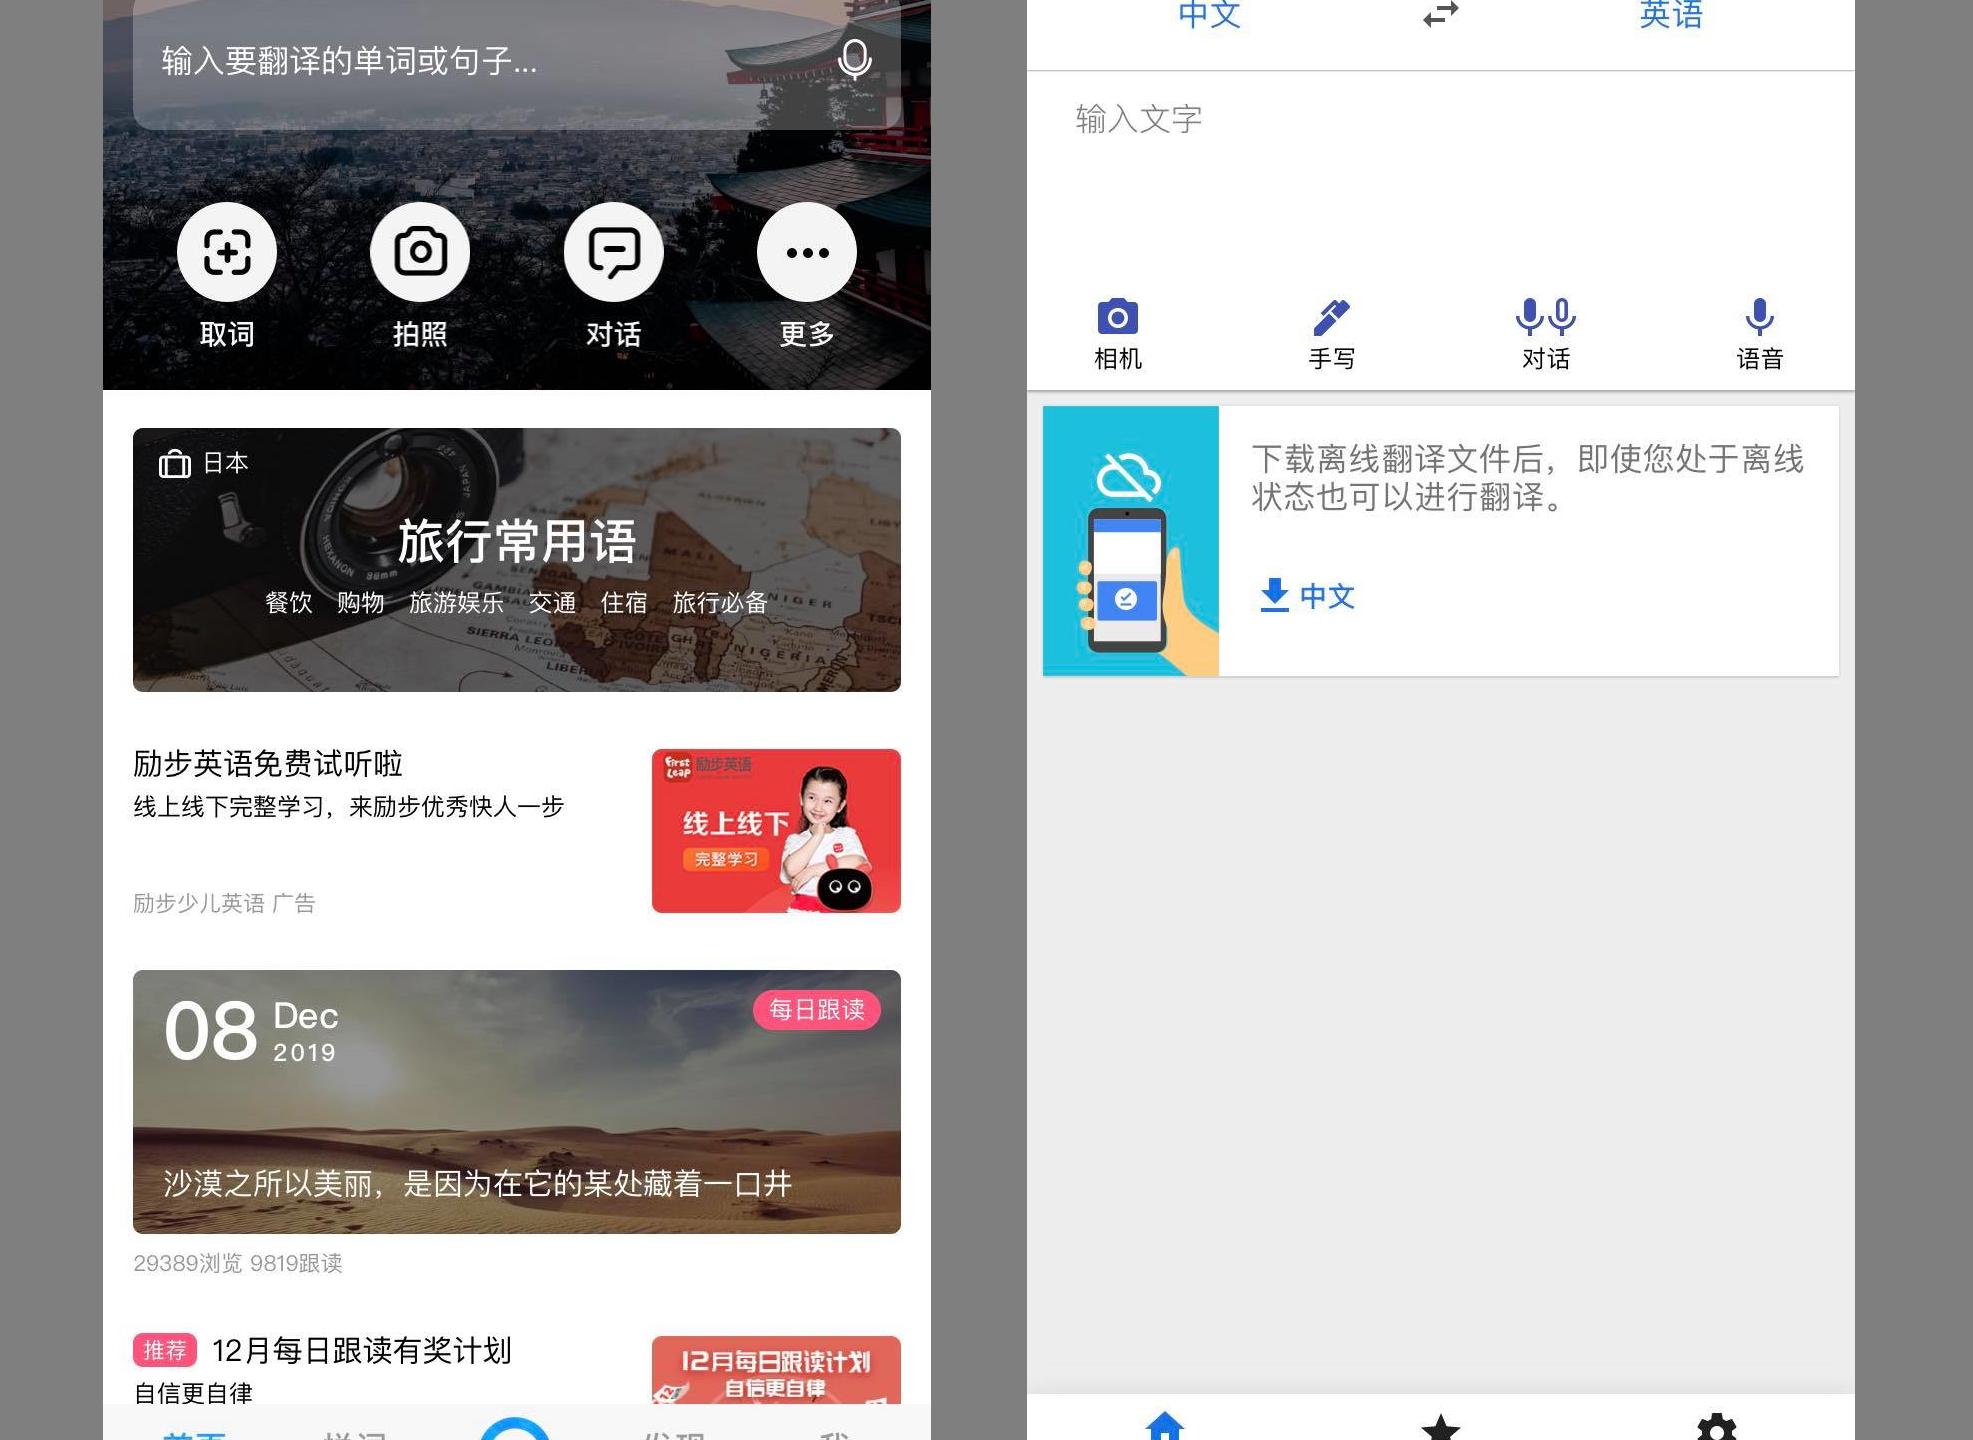 百度翻訳(左)と Google 翻訳(右)のトップページ